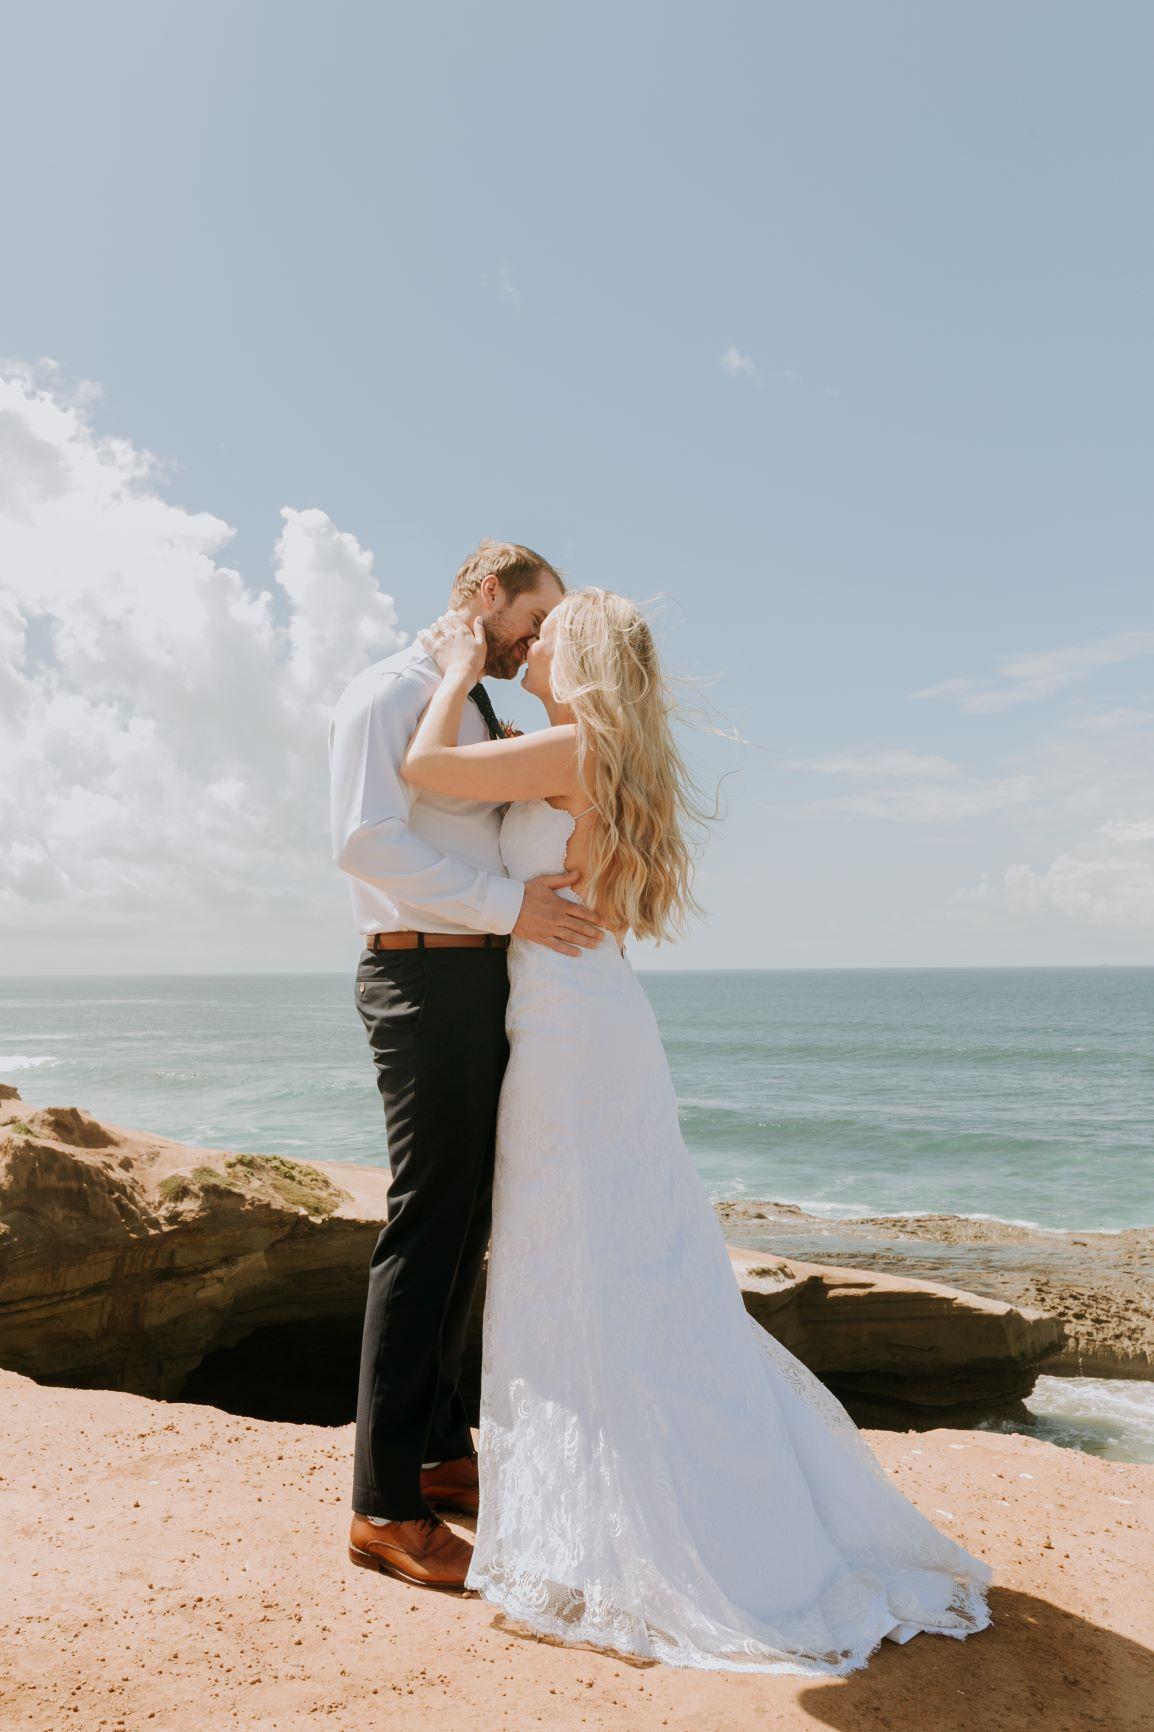 Elope In San Diego Affordable San Diego Elopement Packages San Diego Wedding San Diego Wedding Venues San Diego